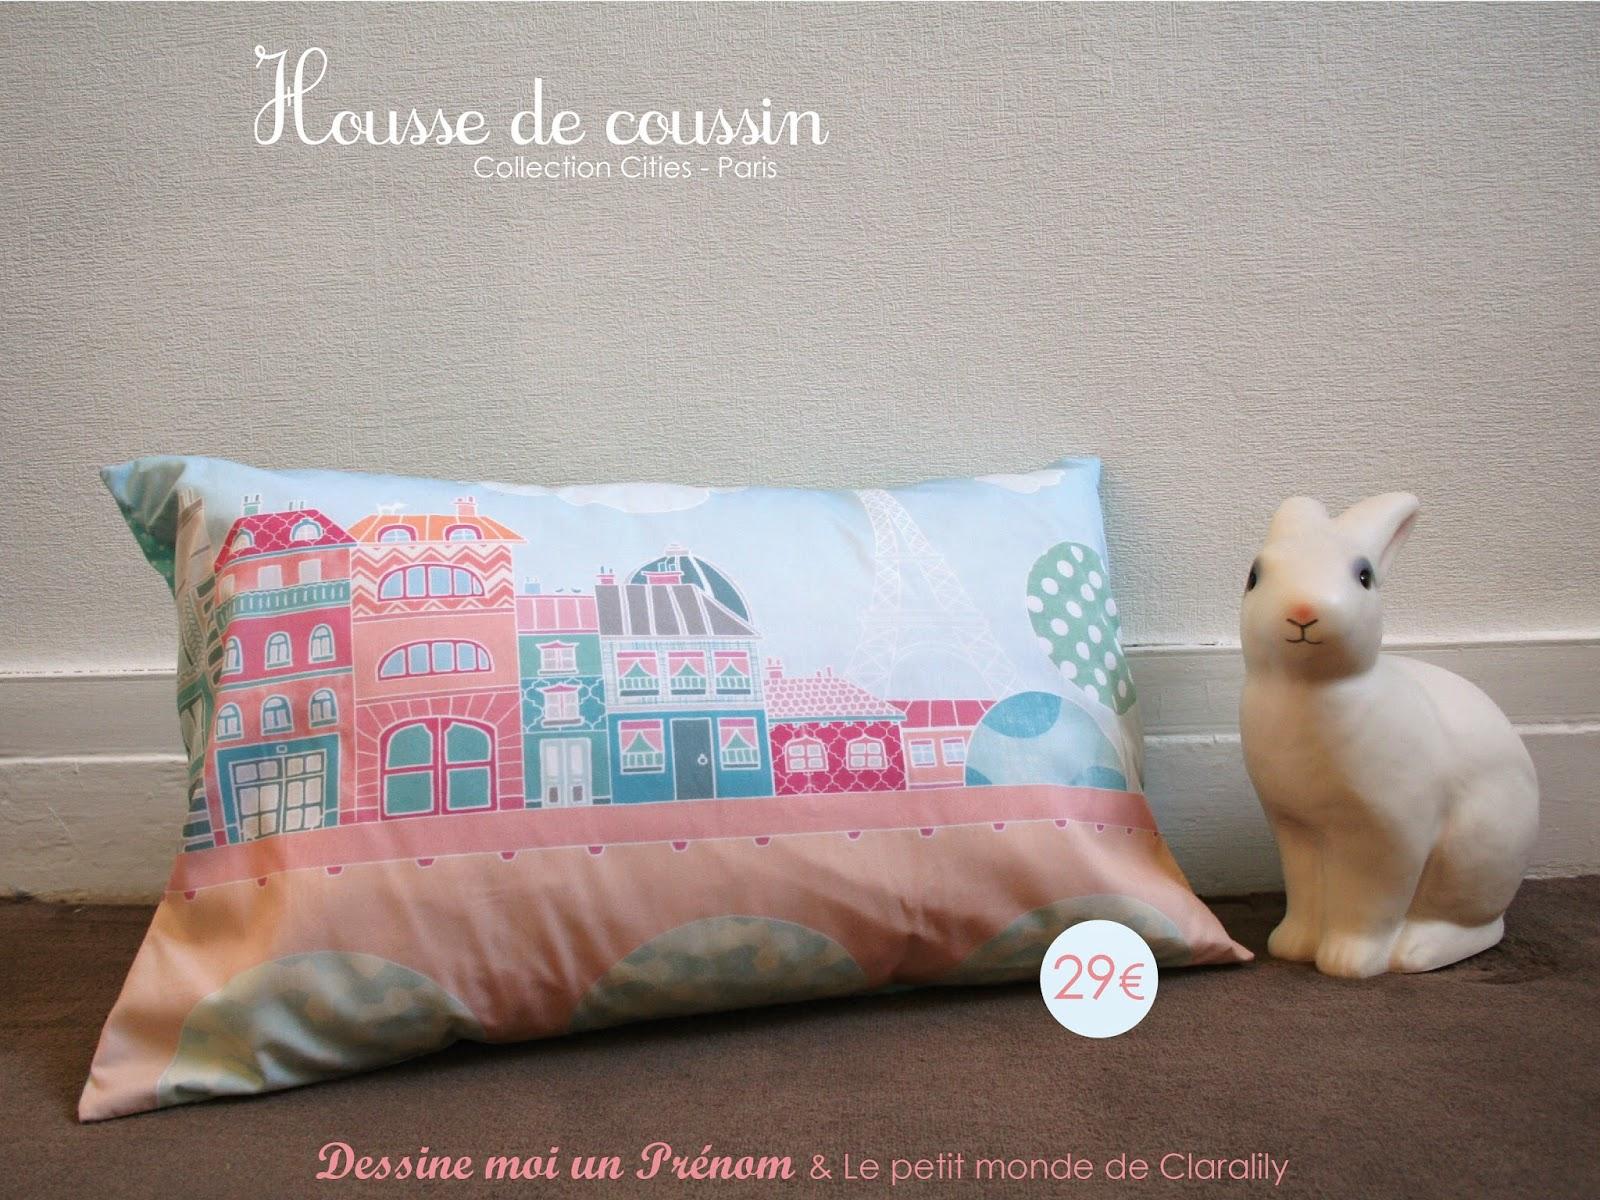 http://www.alittlemarket.com/linge-de-lit-enfants/fr_housse_de_coussin_40x60cm_turquoise_collection_cities_paris_sur_commande_-11964957.html